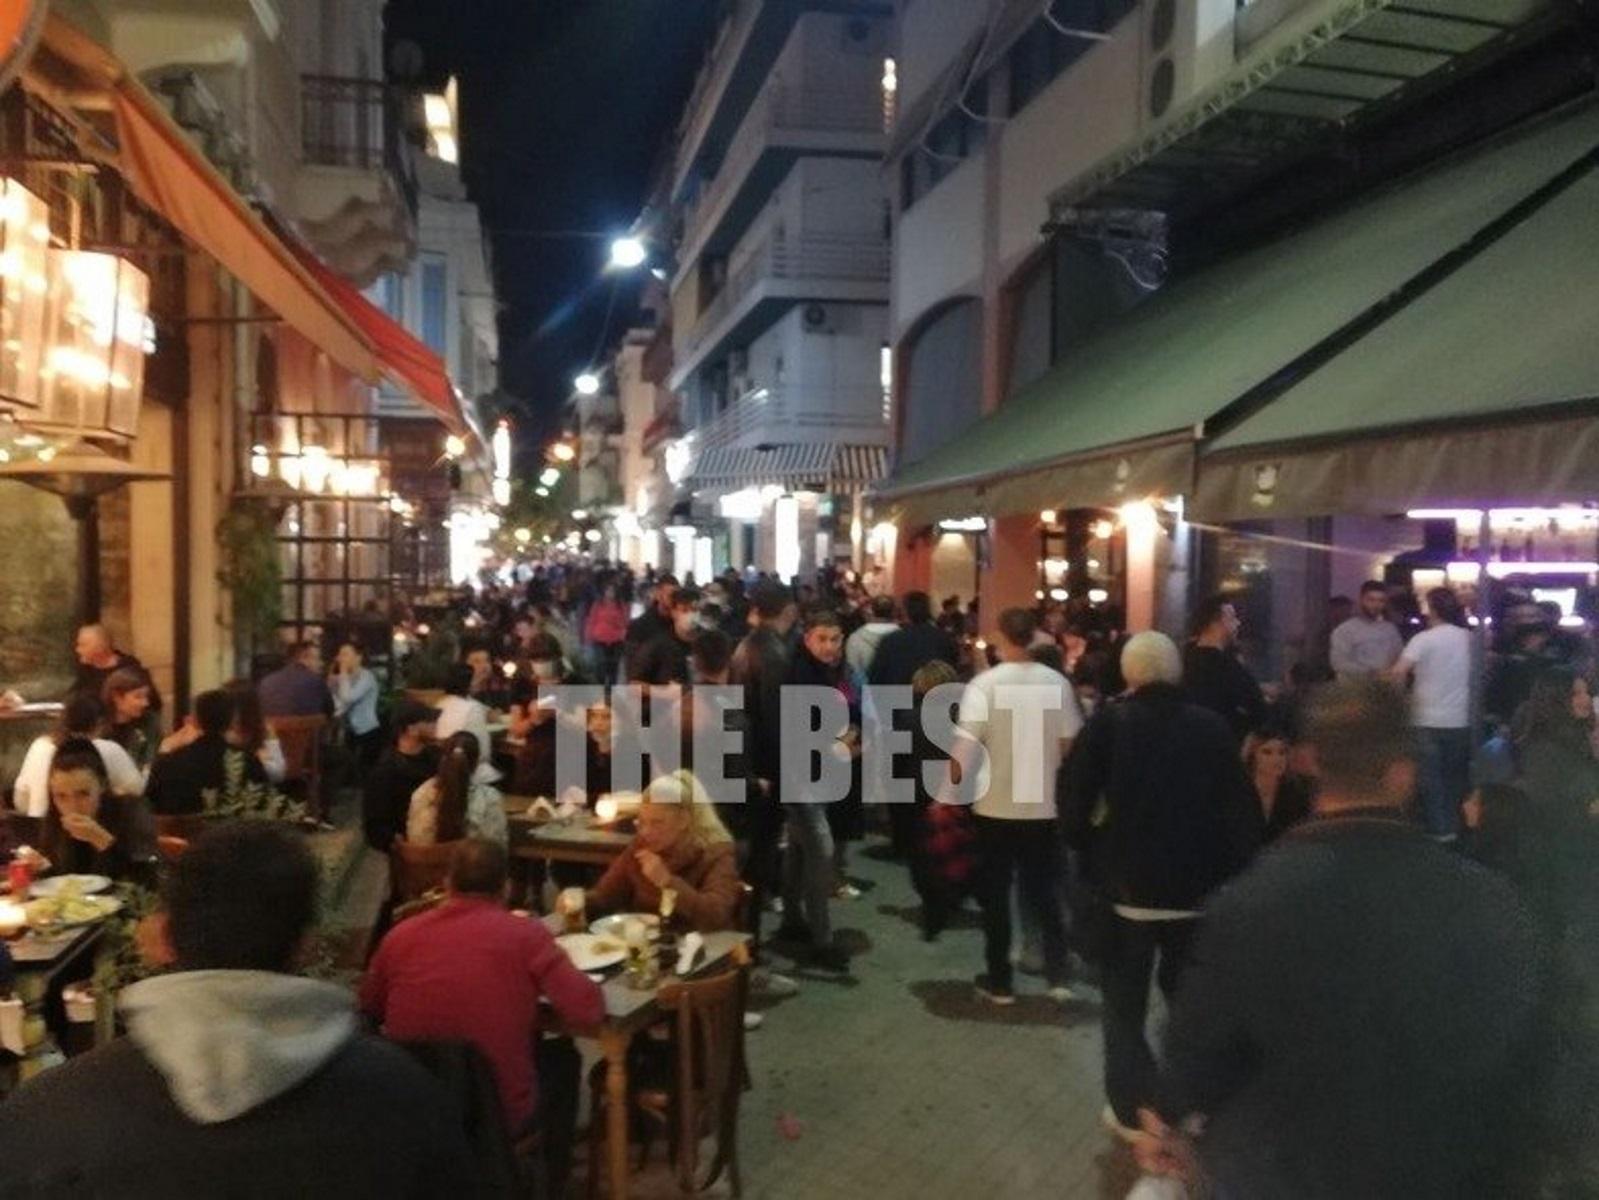 Πάτρα: Κόλαση πριν το lockdown – Όλοι σε καφέ και μπαρ για την τελευταία έξοδο!